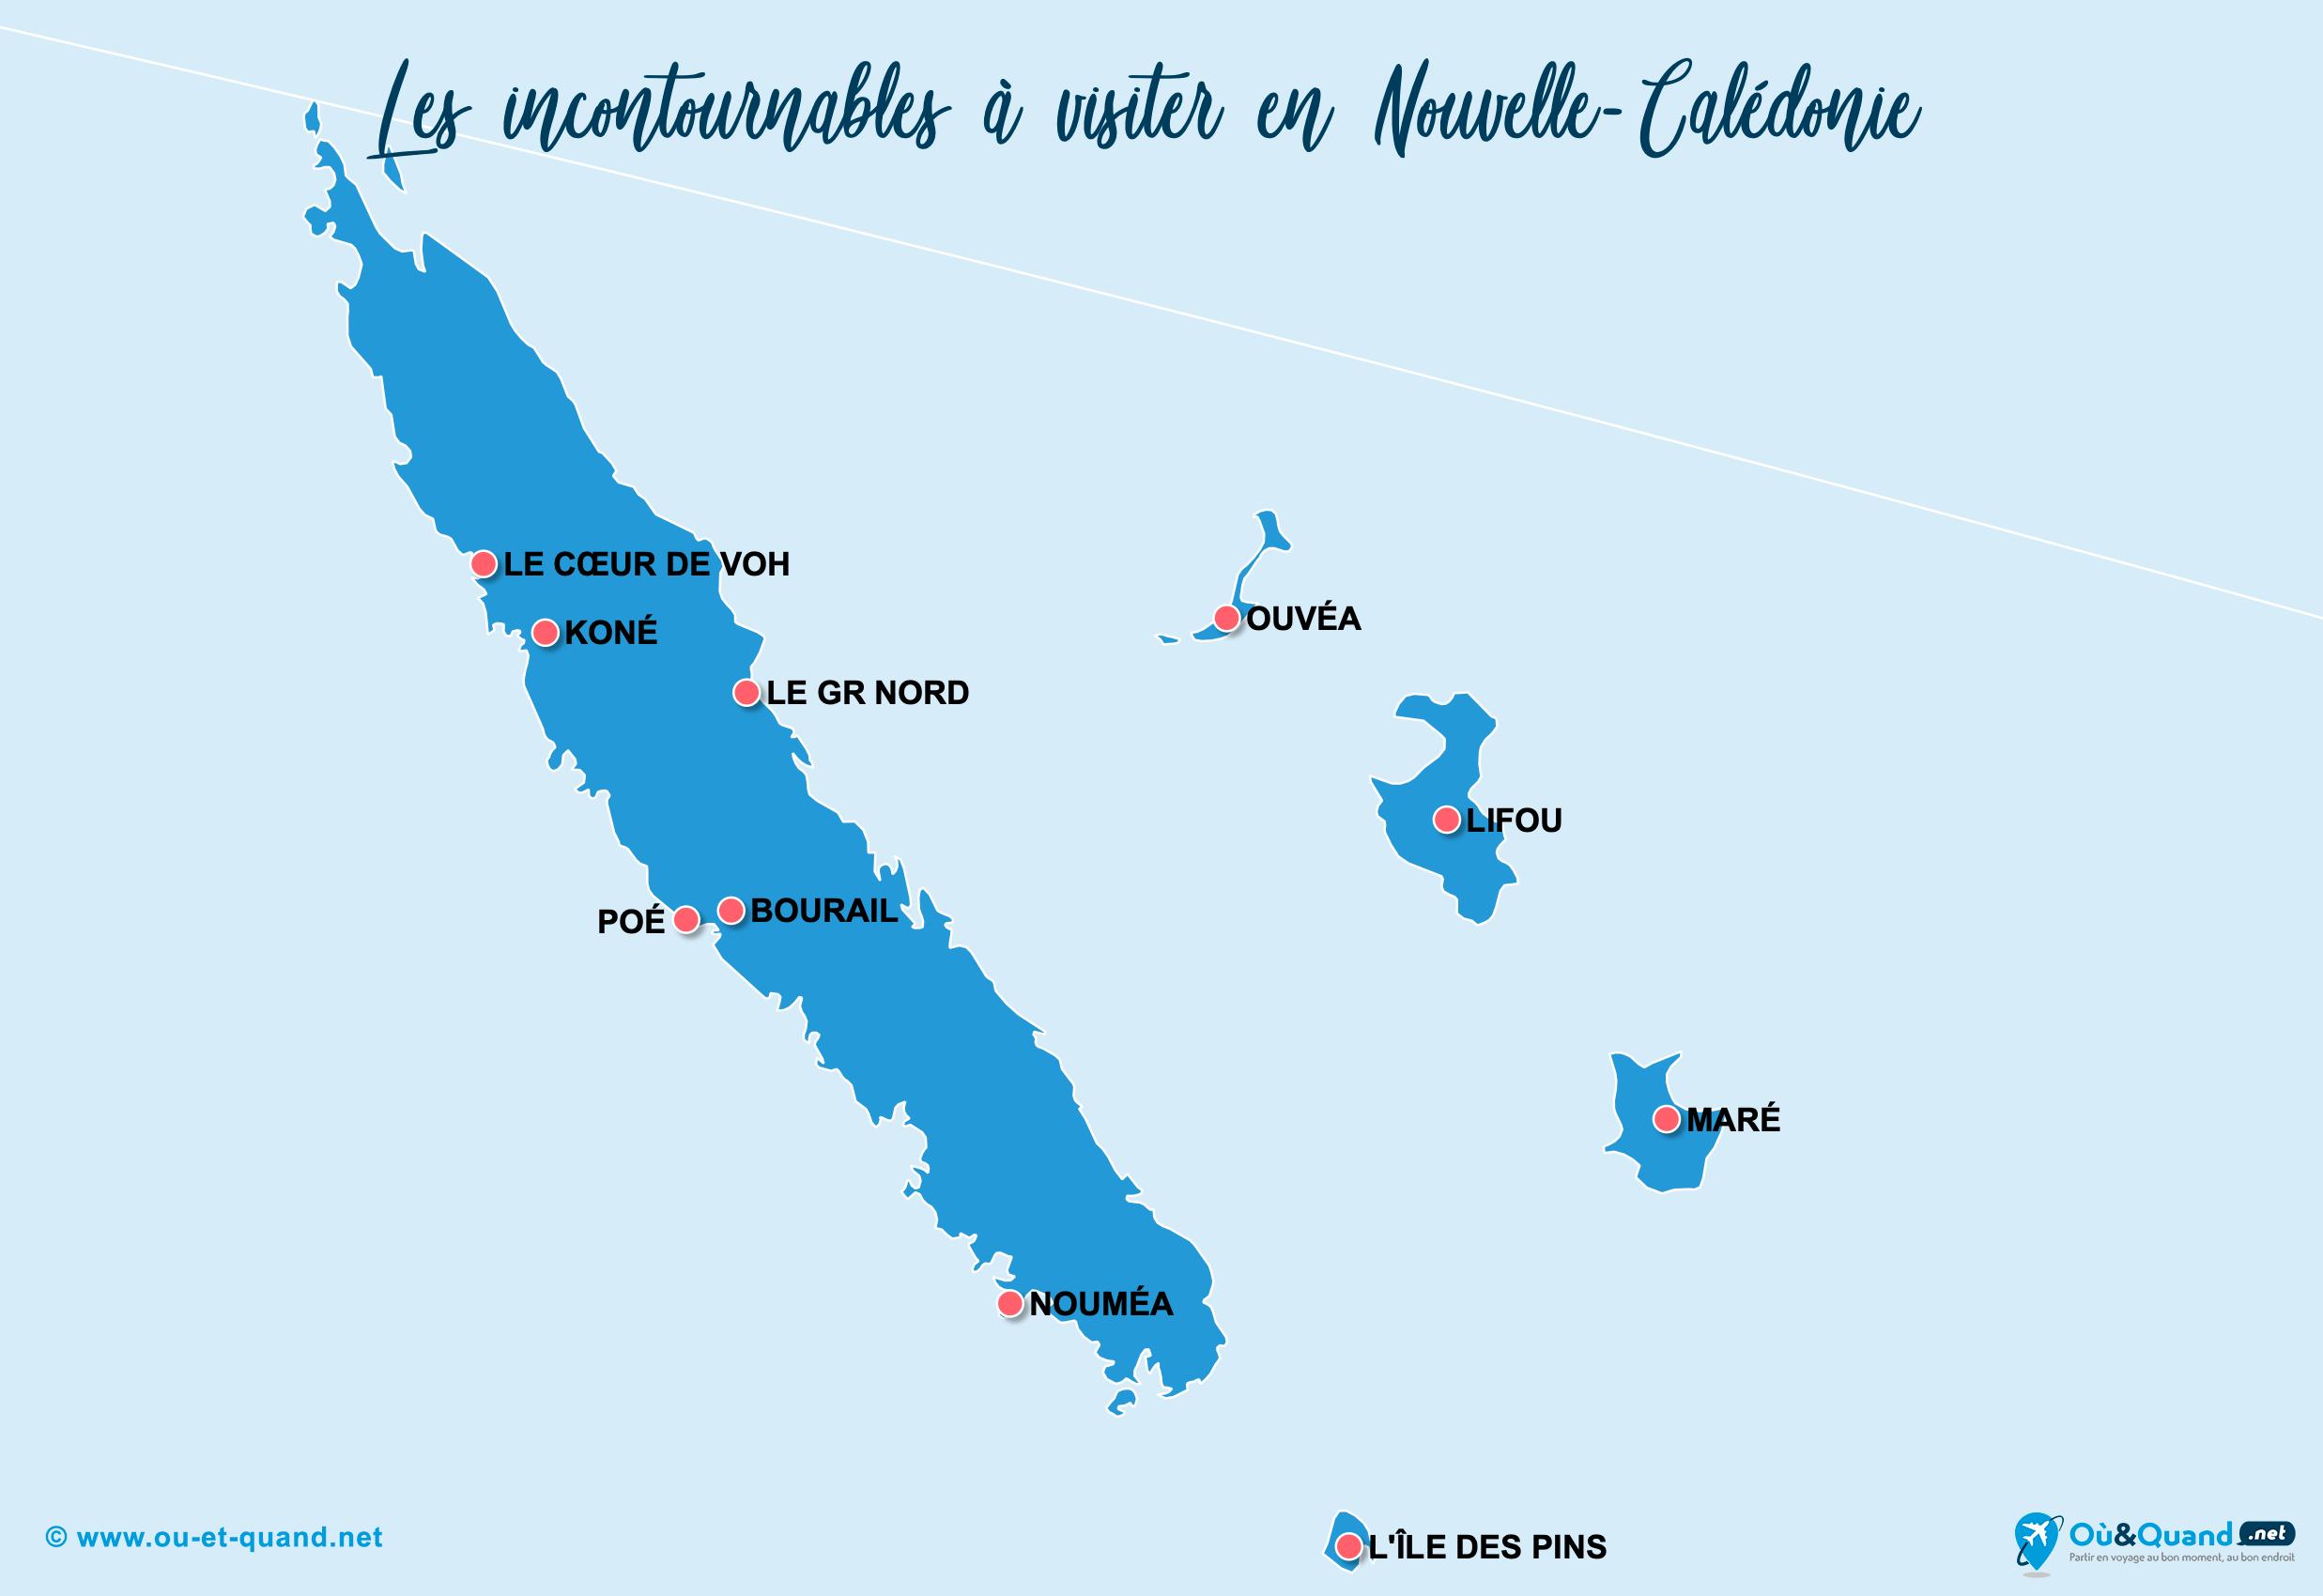 Carte Nouvelle-Calédonie : Les lieux incontournables en Nouvelle-Calédonie